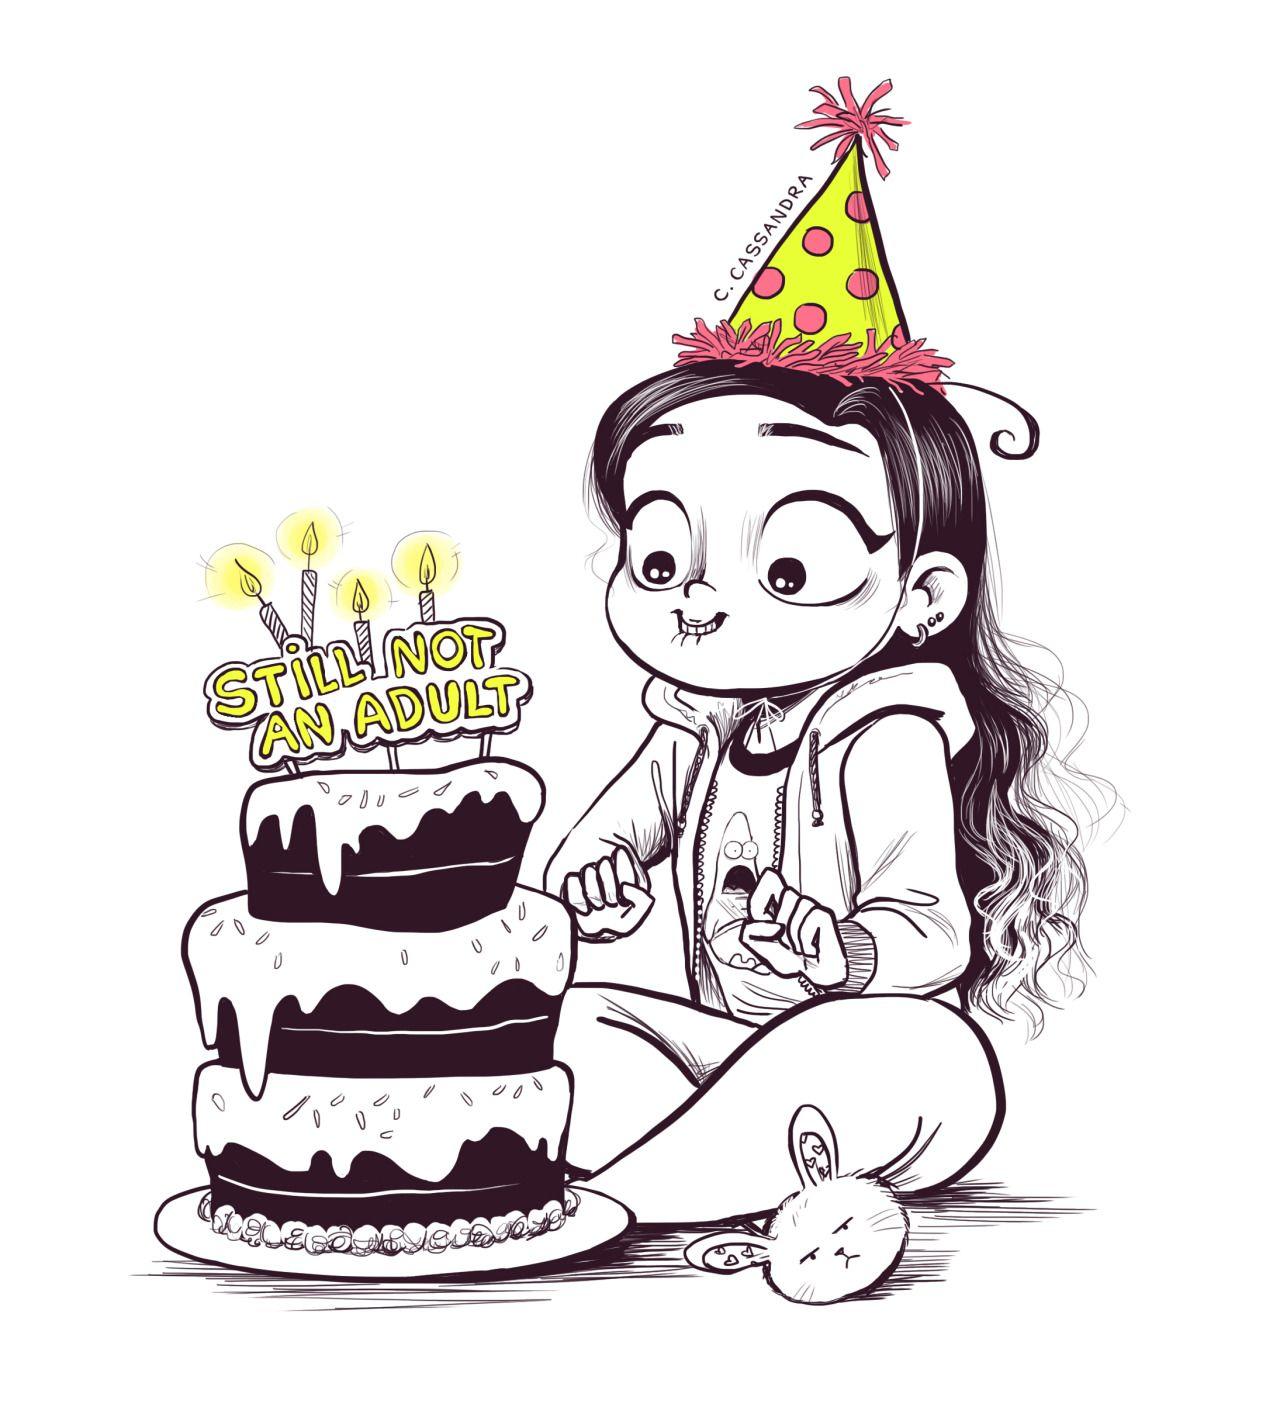 Открытку одноклассниках, картинки для день рождения для девочек для срисовки